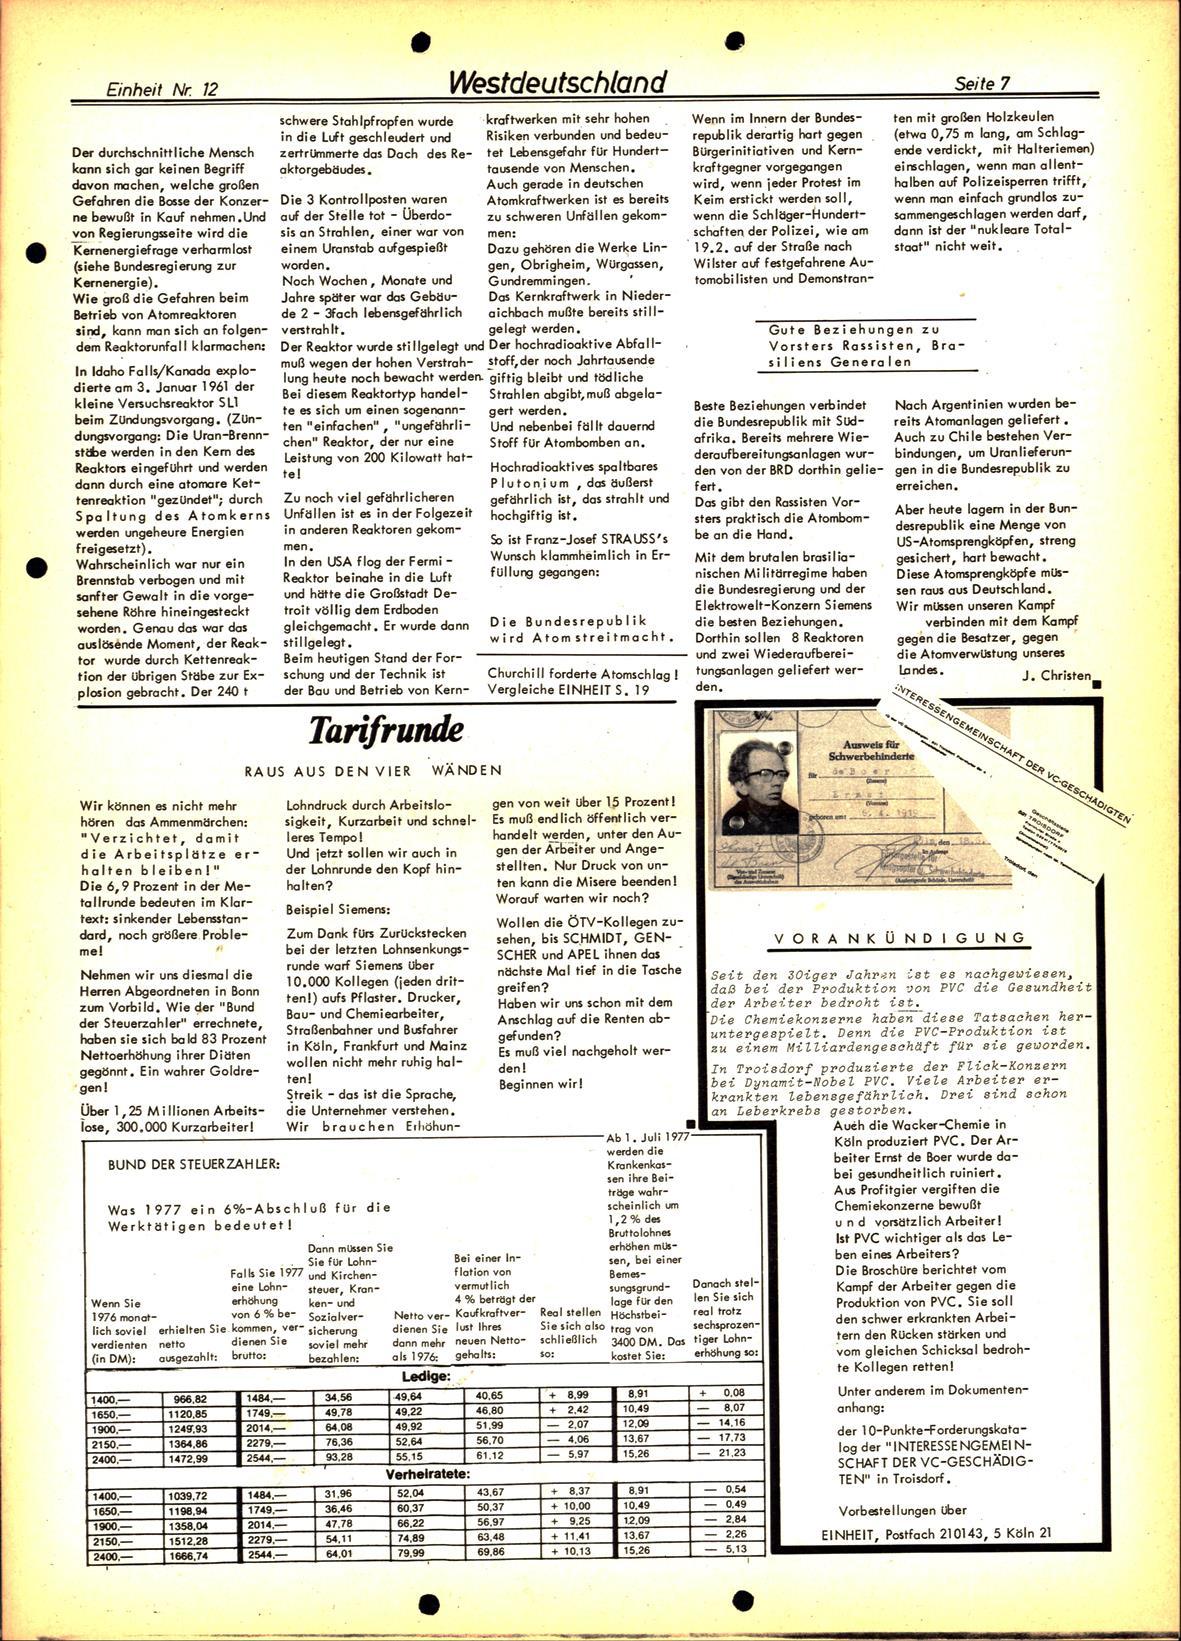 Koeln_IPdA_Einheit_1977_012_007